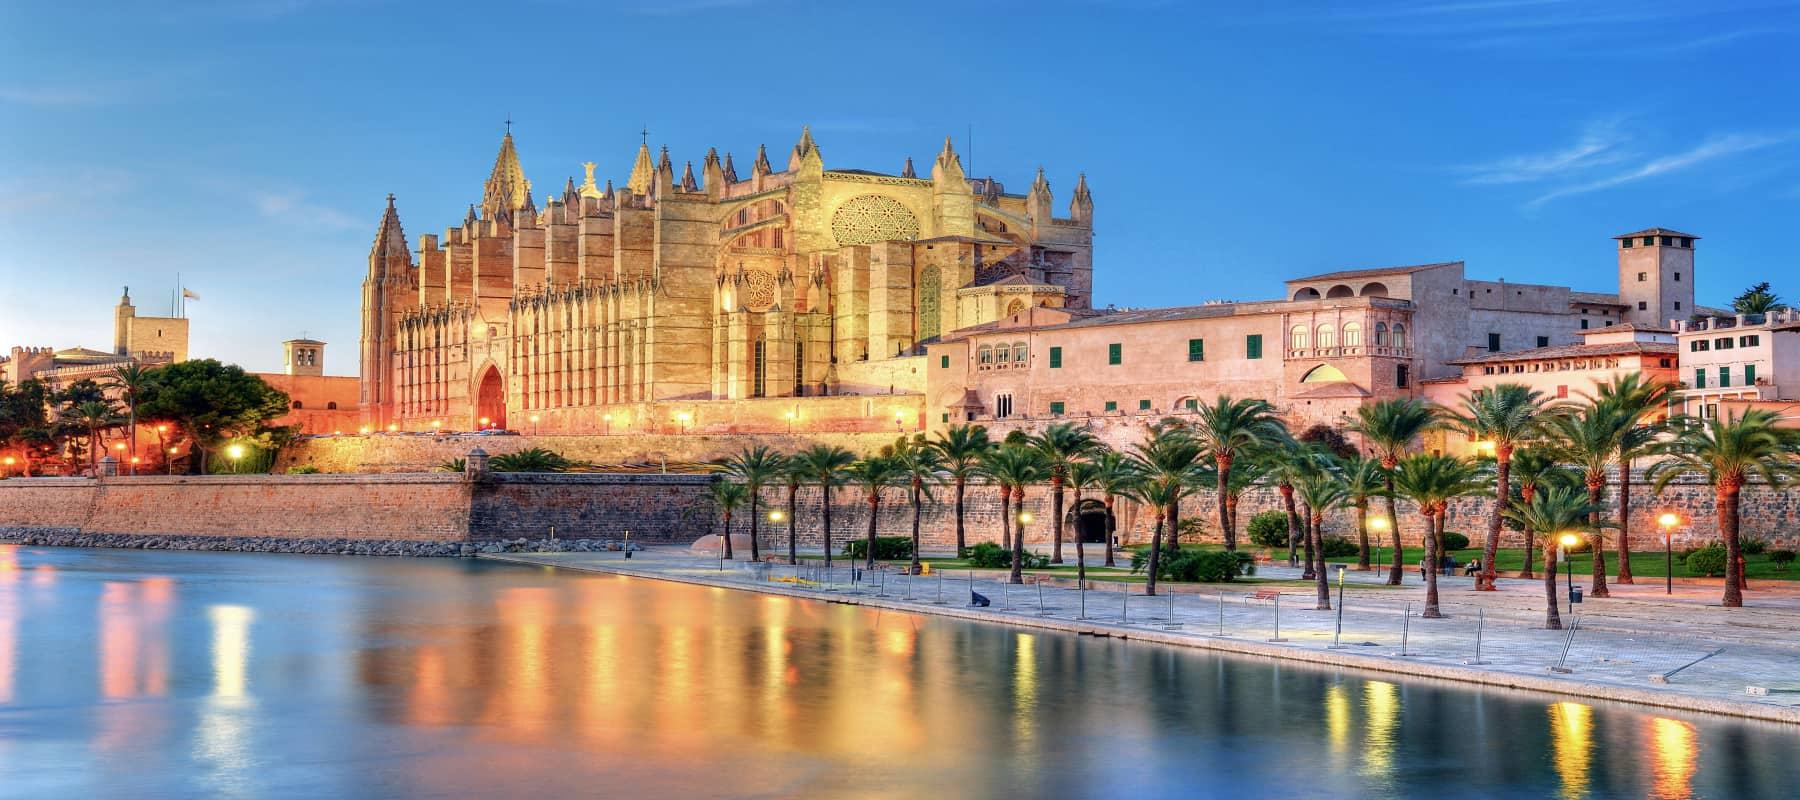 Menorca (Ciutadella)